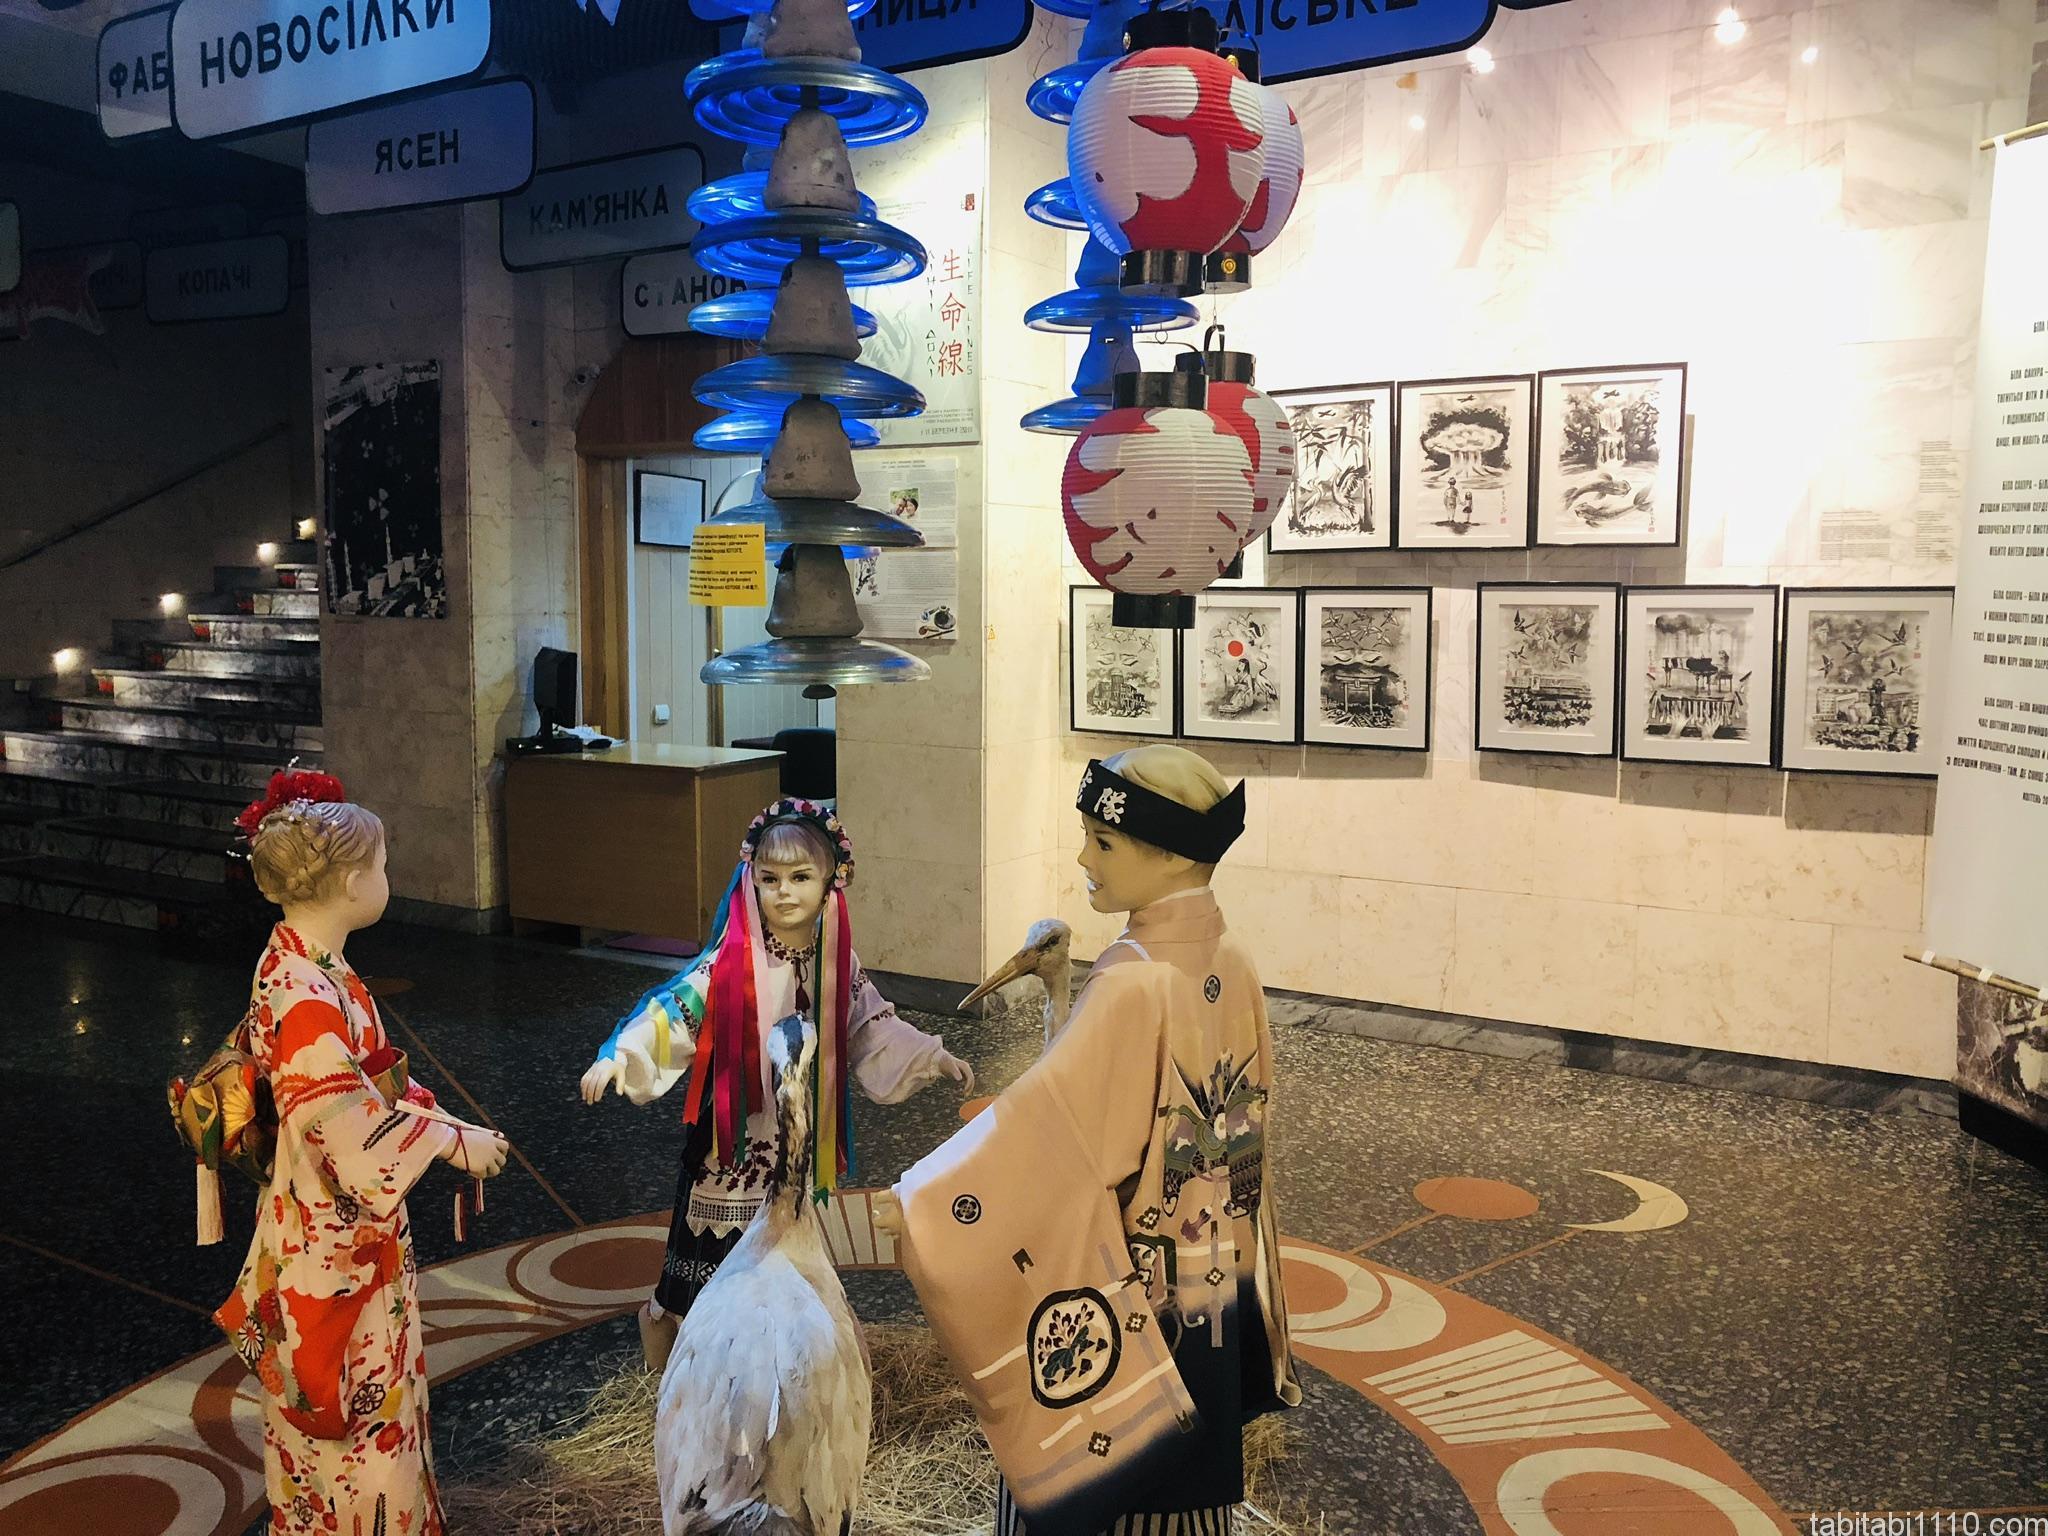 チェルノブイリ原発博物館|日本の展示